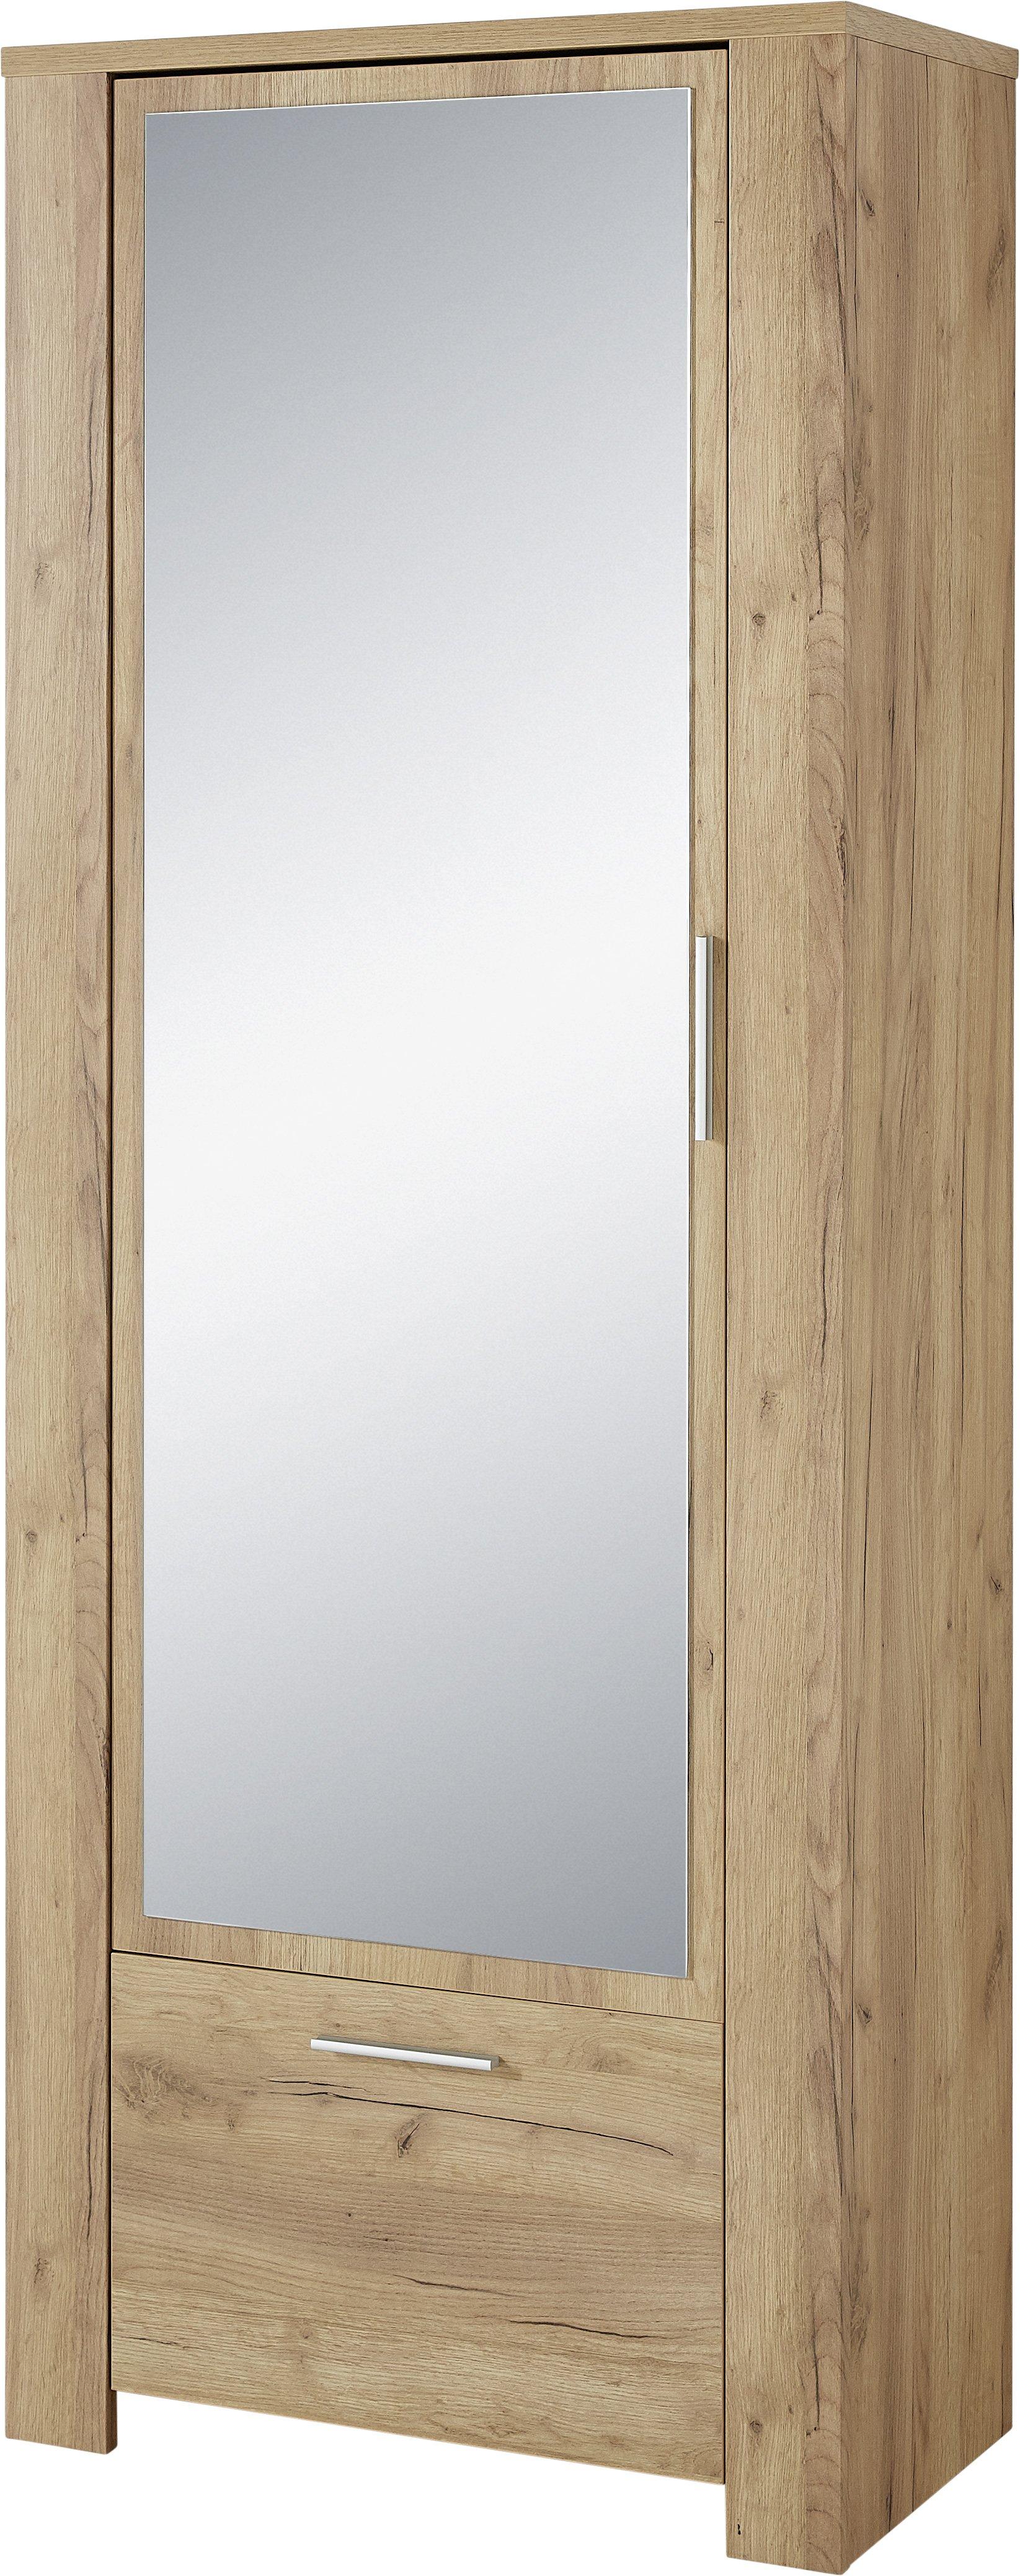 GW-CASTERA Garderobenschrank 3959, Navarra-Eiche-Nb., Spanplatte | melaminharzbeschichtet | Spiegel